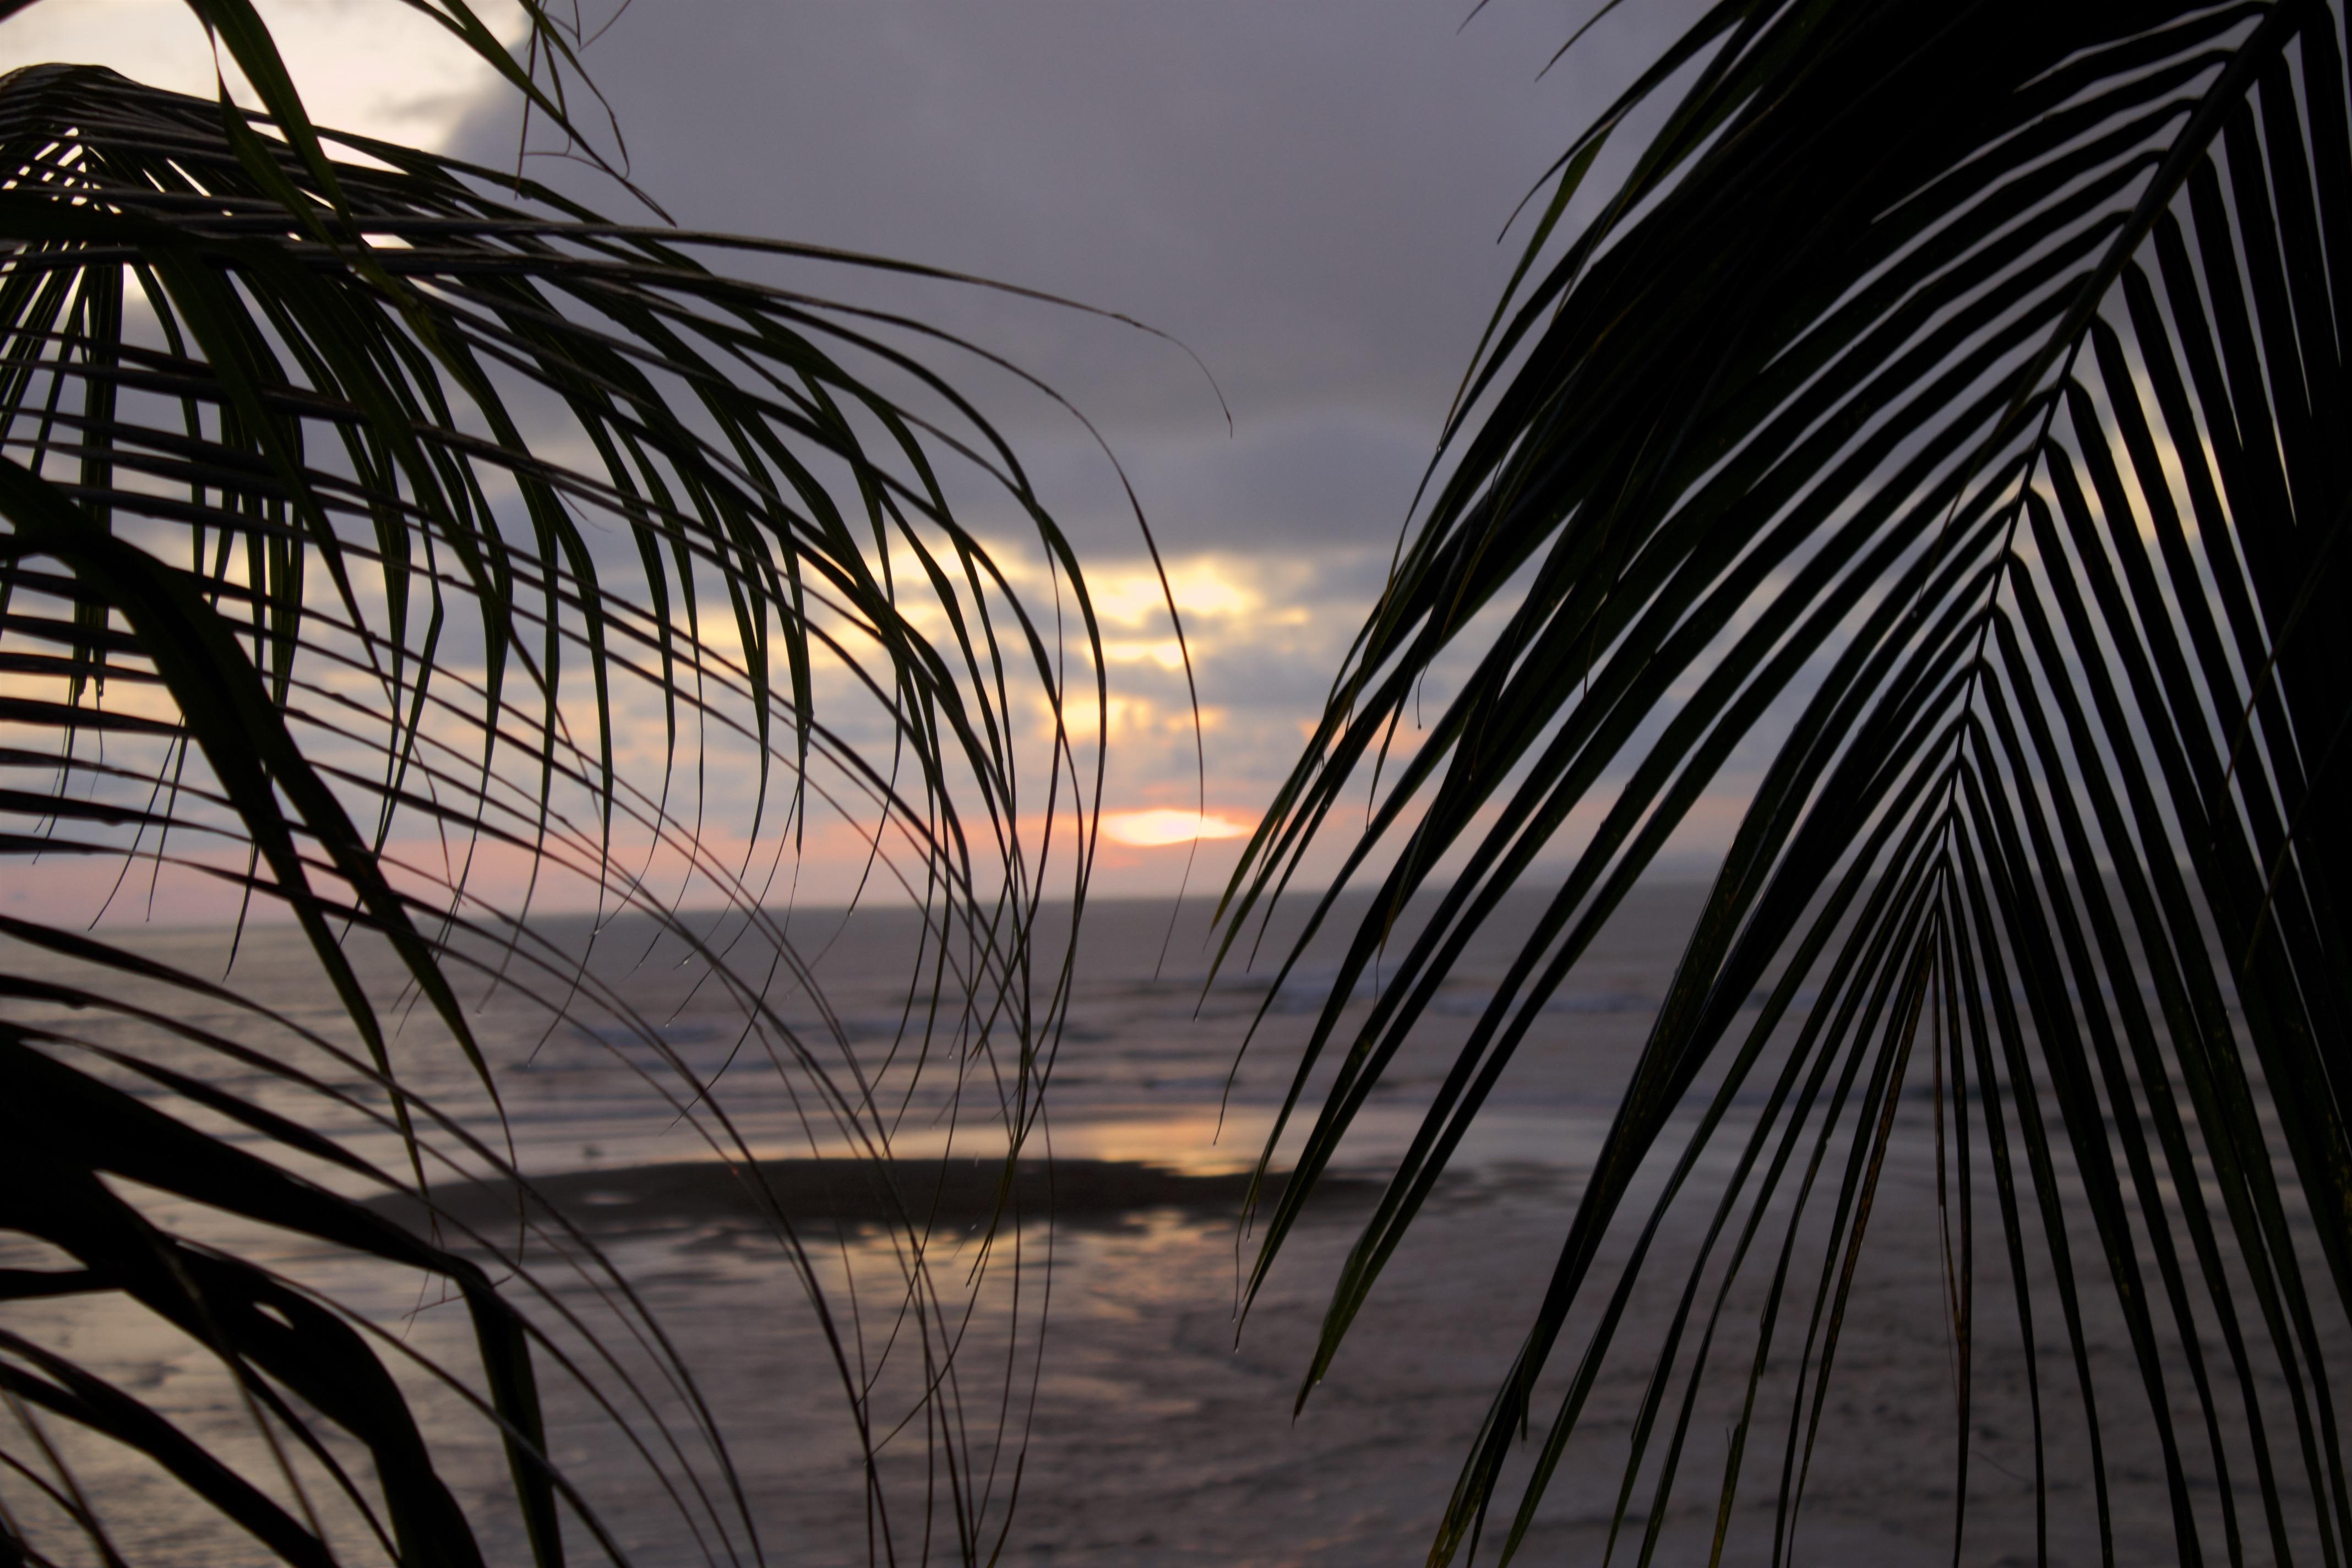 Palmen und Meer im Sonnenuntergang